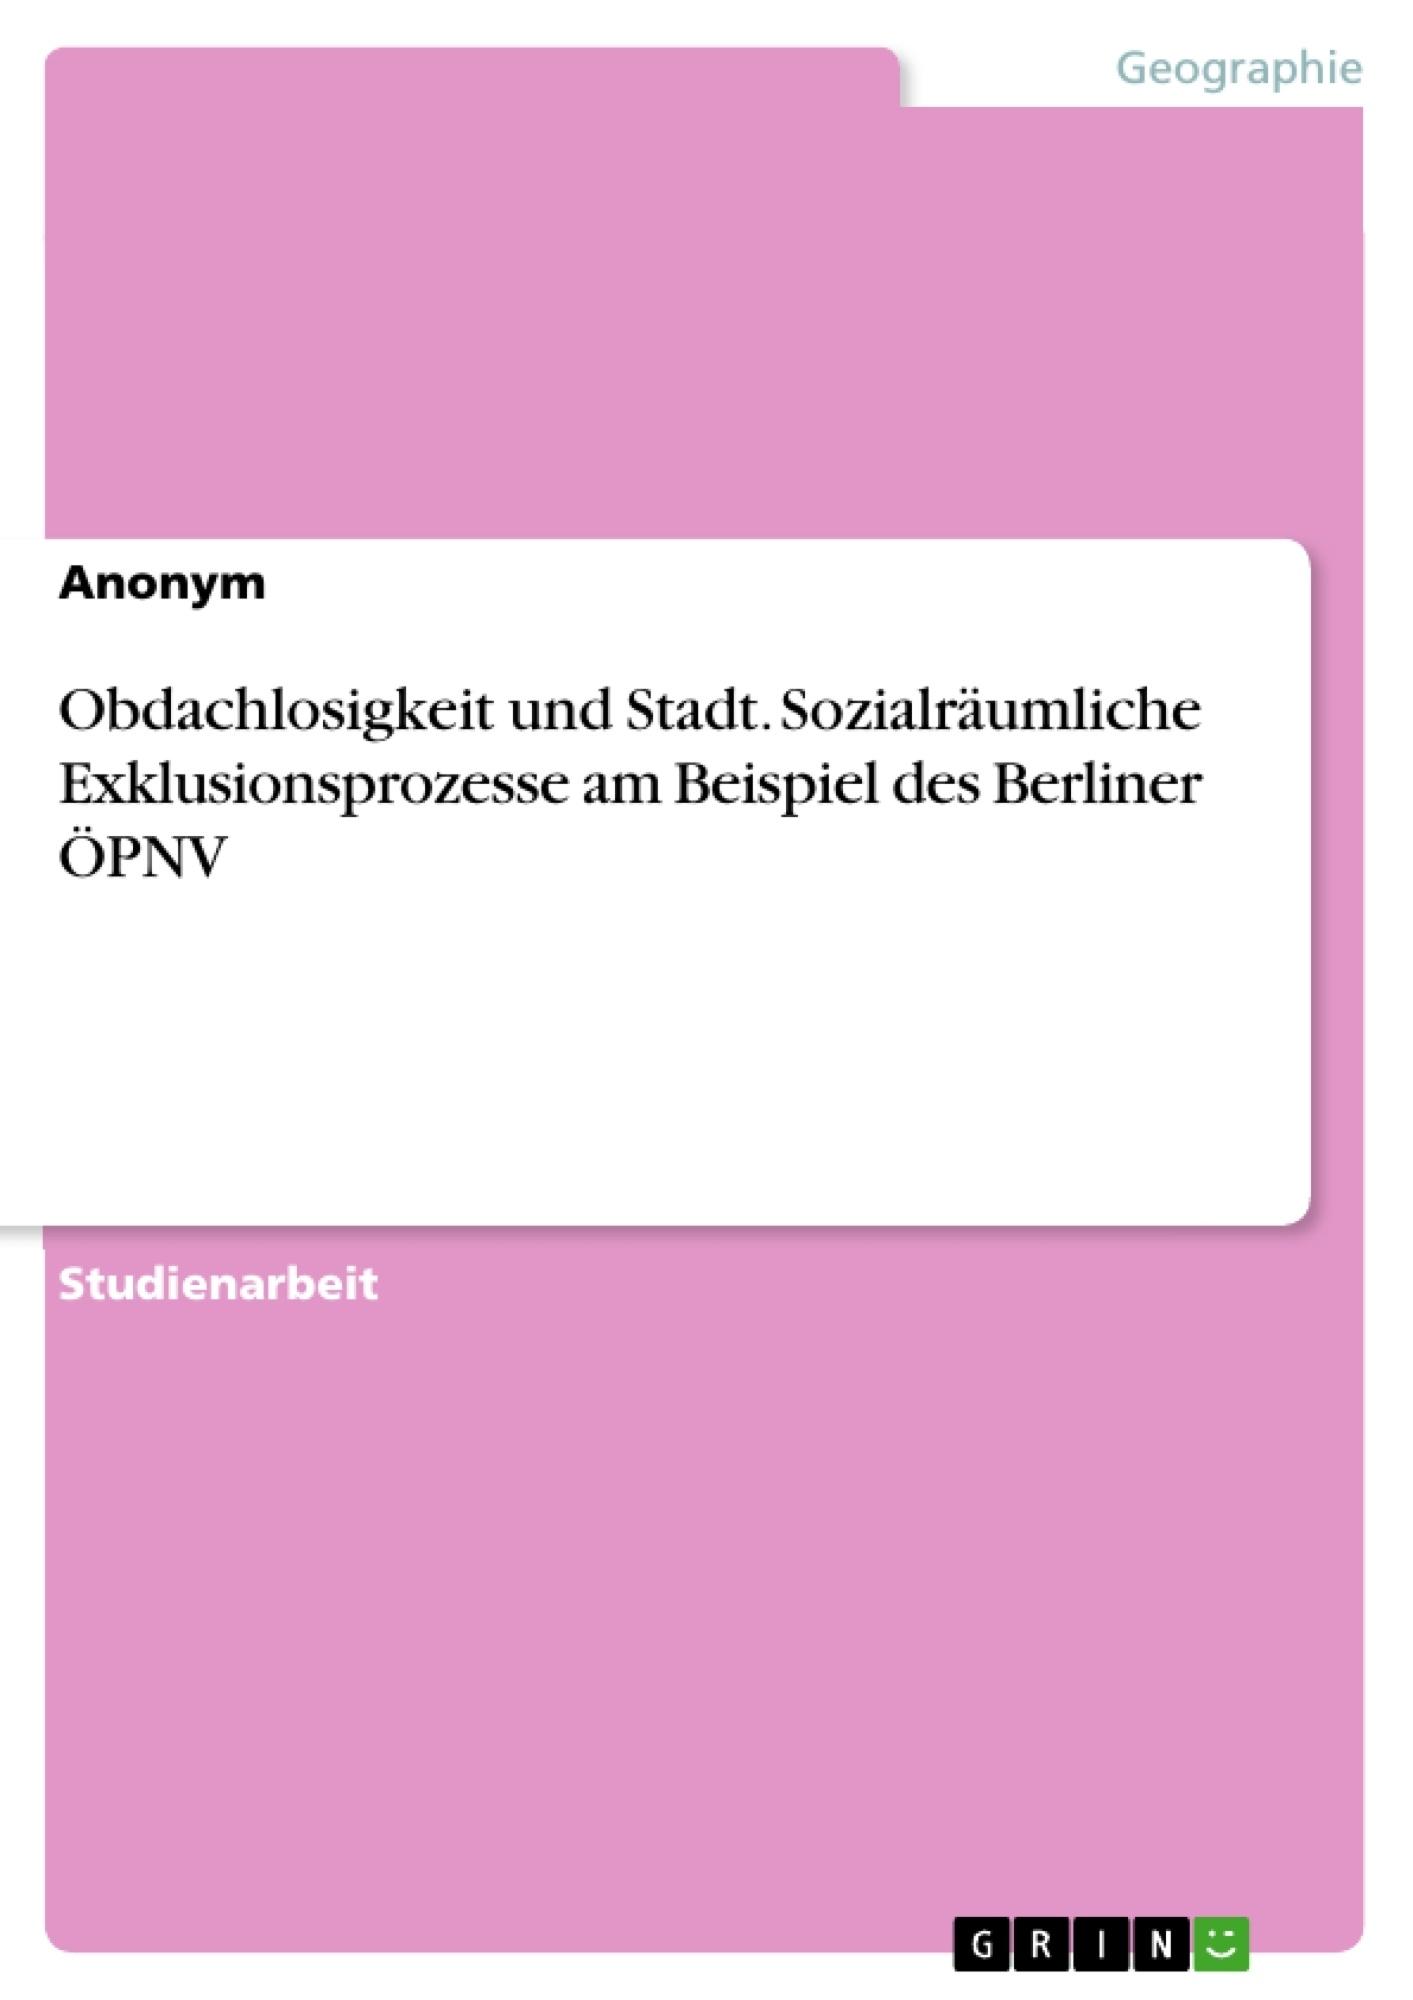 Titel: Obdachlosigkeit und Stadt. Sozialräumliche Exklusionsprozesse am Beispiel des Berliner ÖPNV